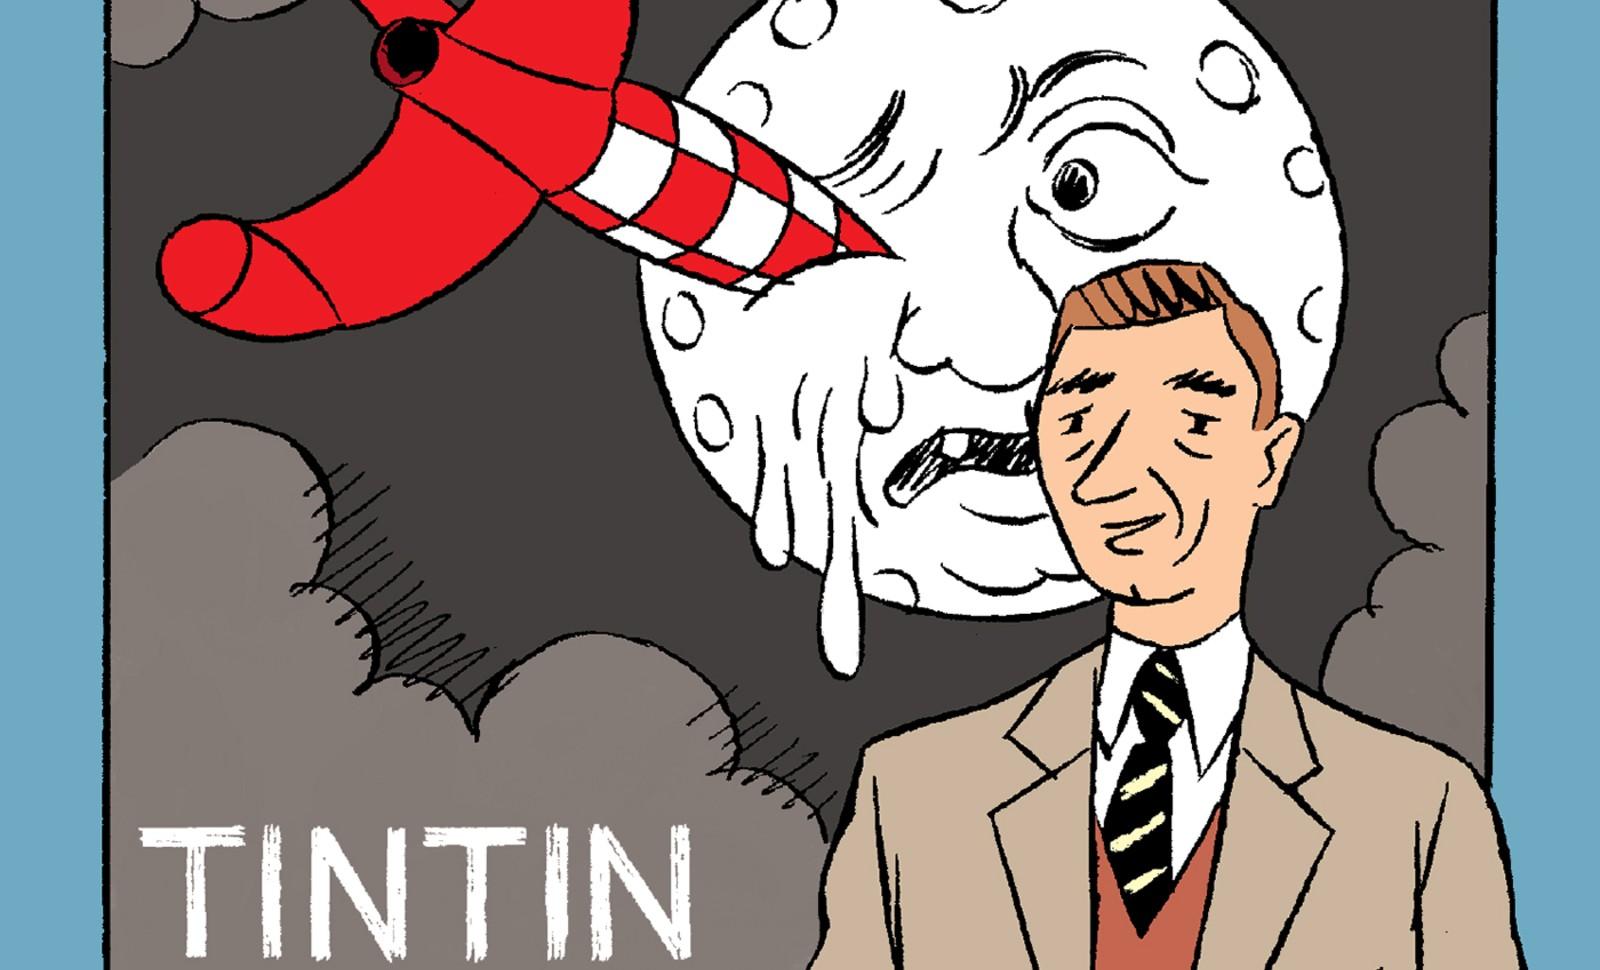 tintin bd bob garcia olrik